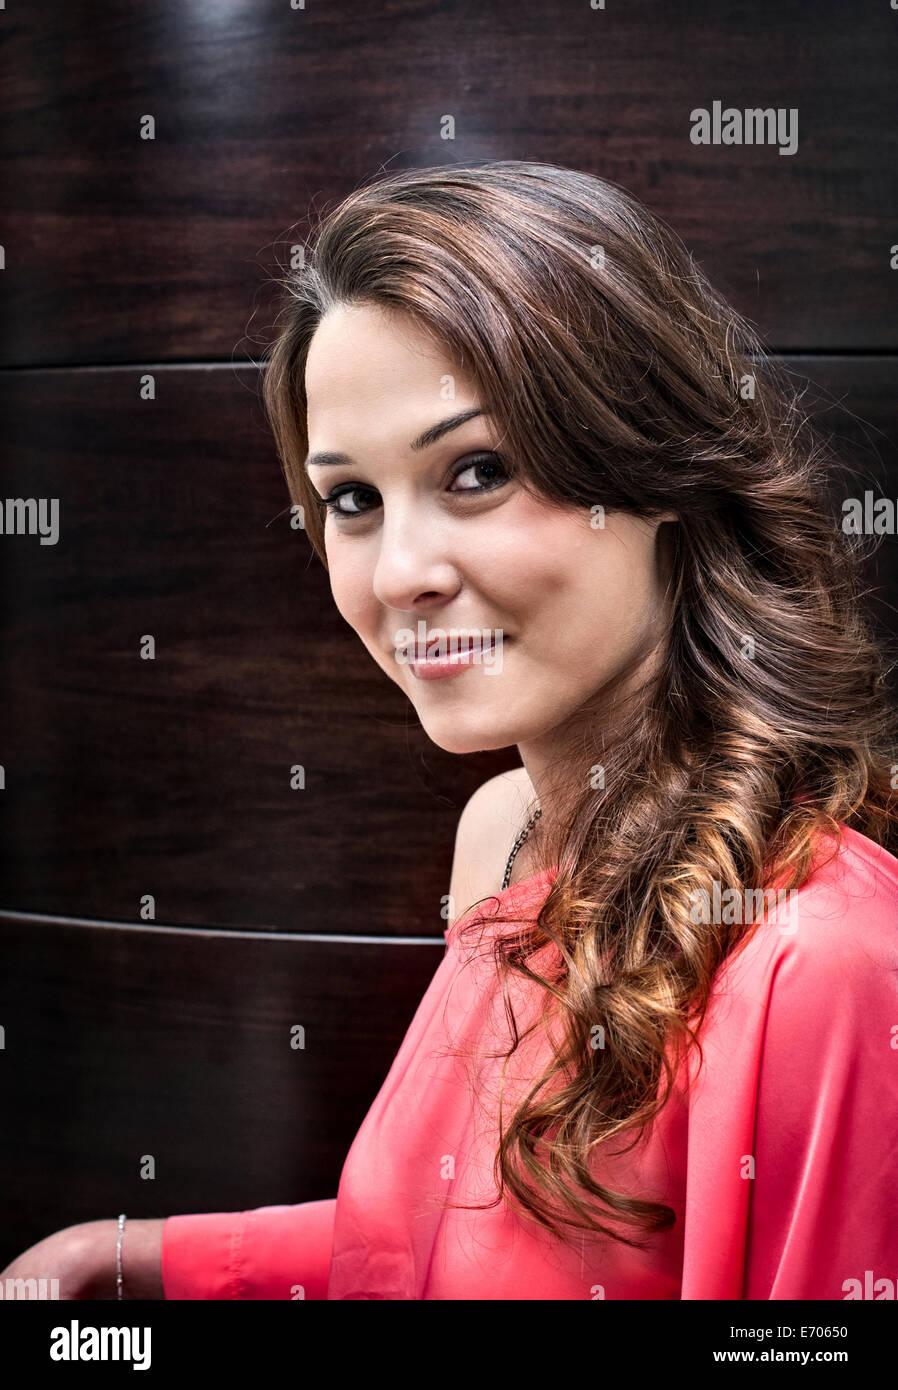 Portrait de jeune femme dans un salon de coiffure avec cheveux long ringletted brunette Photo Stock